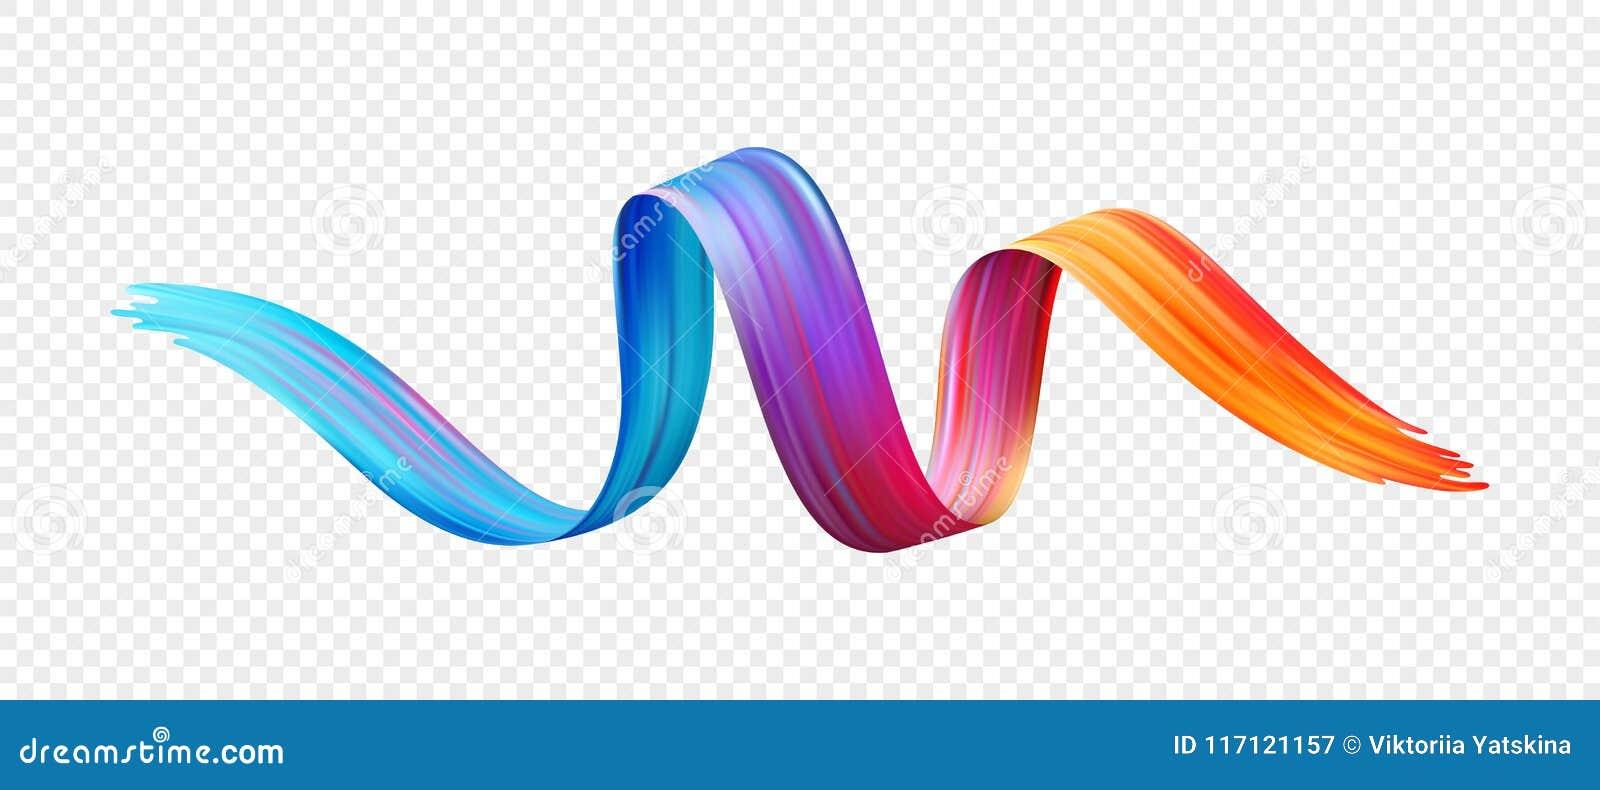 Koloru brushstroke nafcianej lub akrylowej farby projekta element również zwrócić corel ilustracji wektora